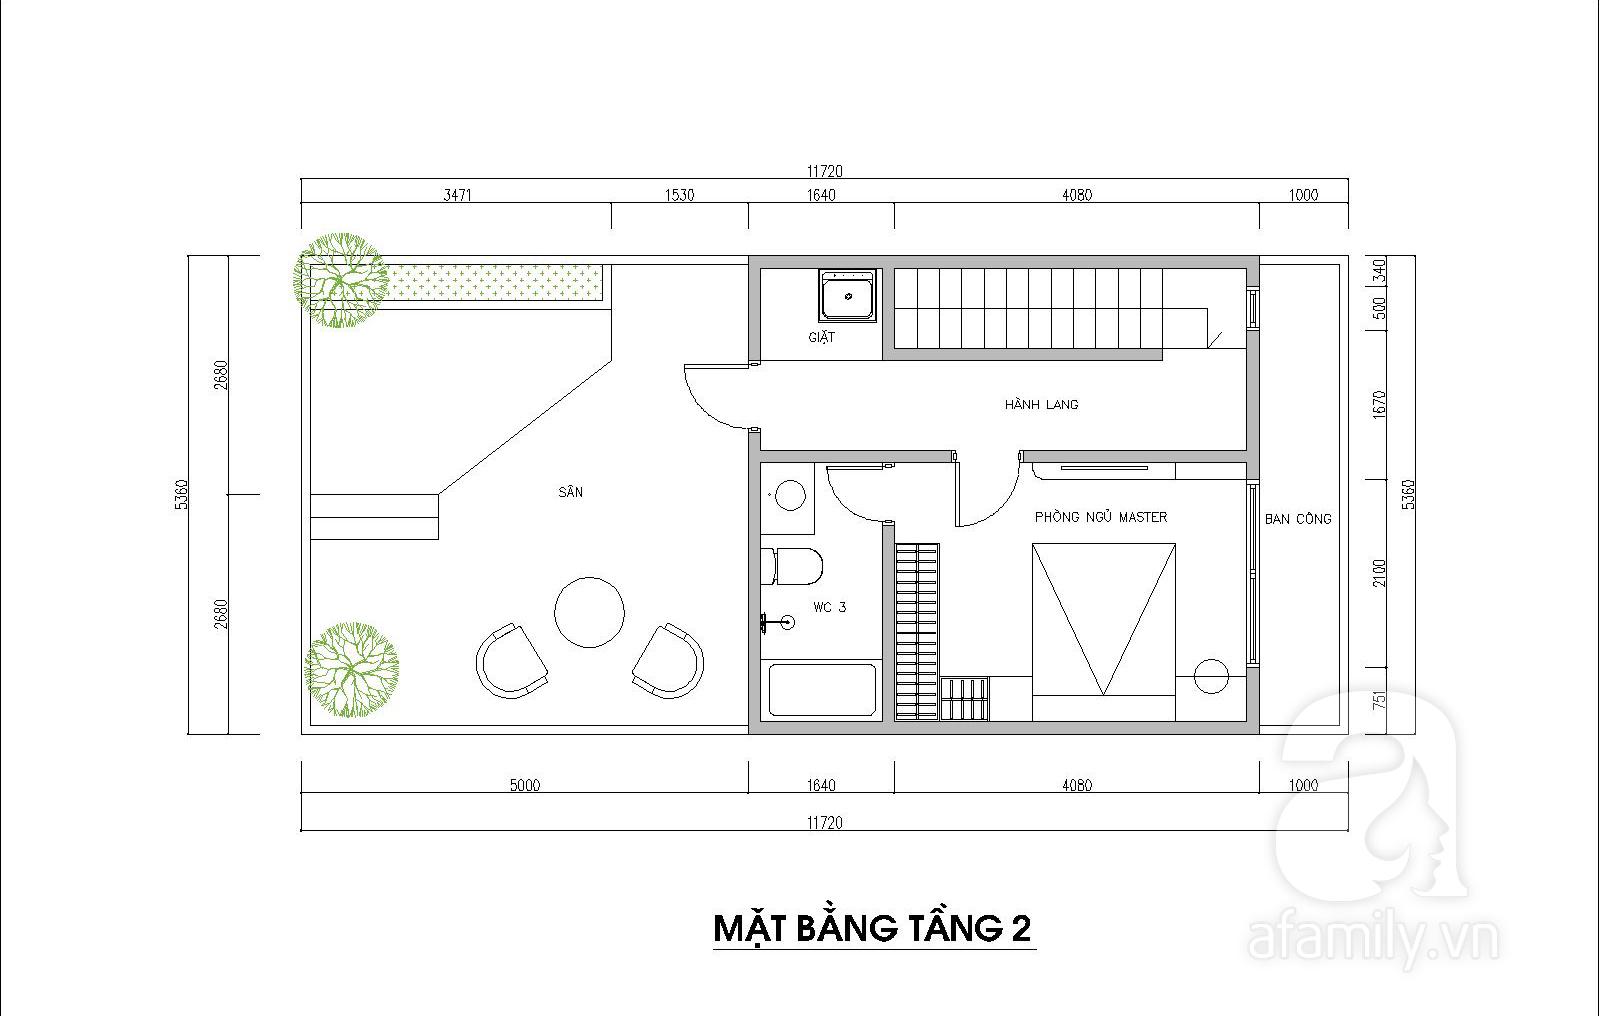 Kiến trúc sư tư vấn thiết kế hợp lý mẫu nhà ống 2 tầng diện tích nhỏ, đầy đủ tiện nghi cho gia đình 3 người với chi phí gần 200 triệu đồng - Ảnh 4.